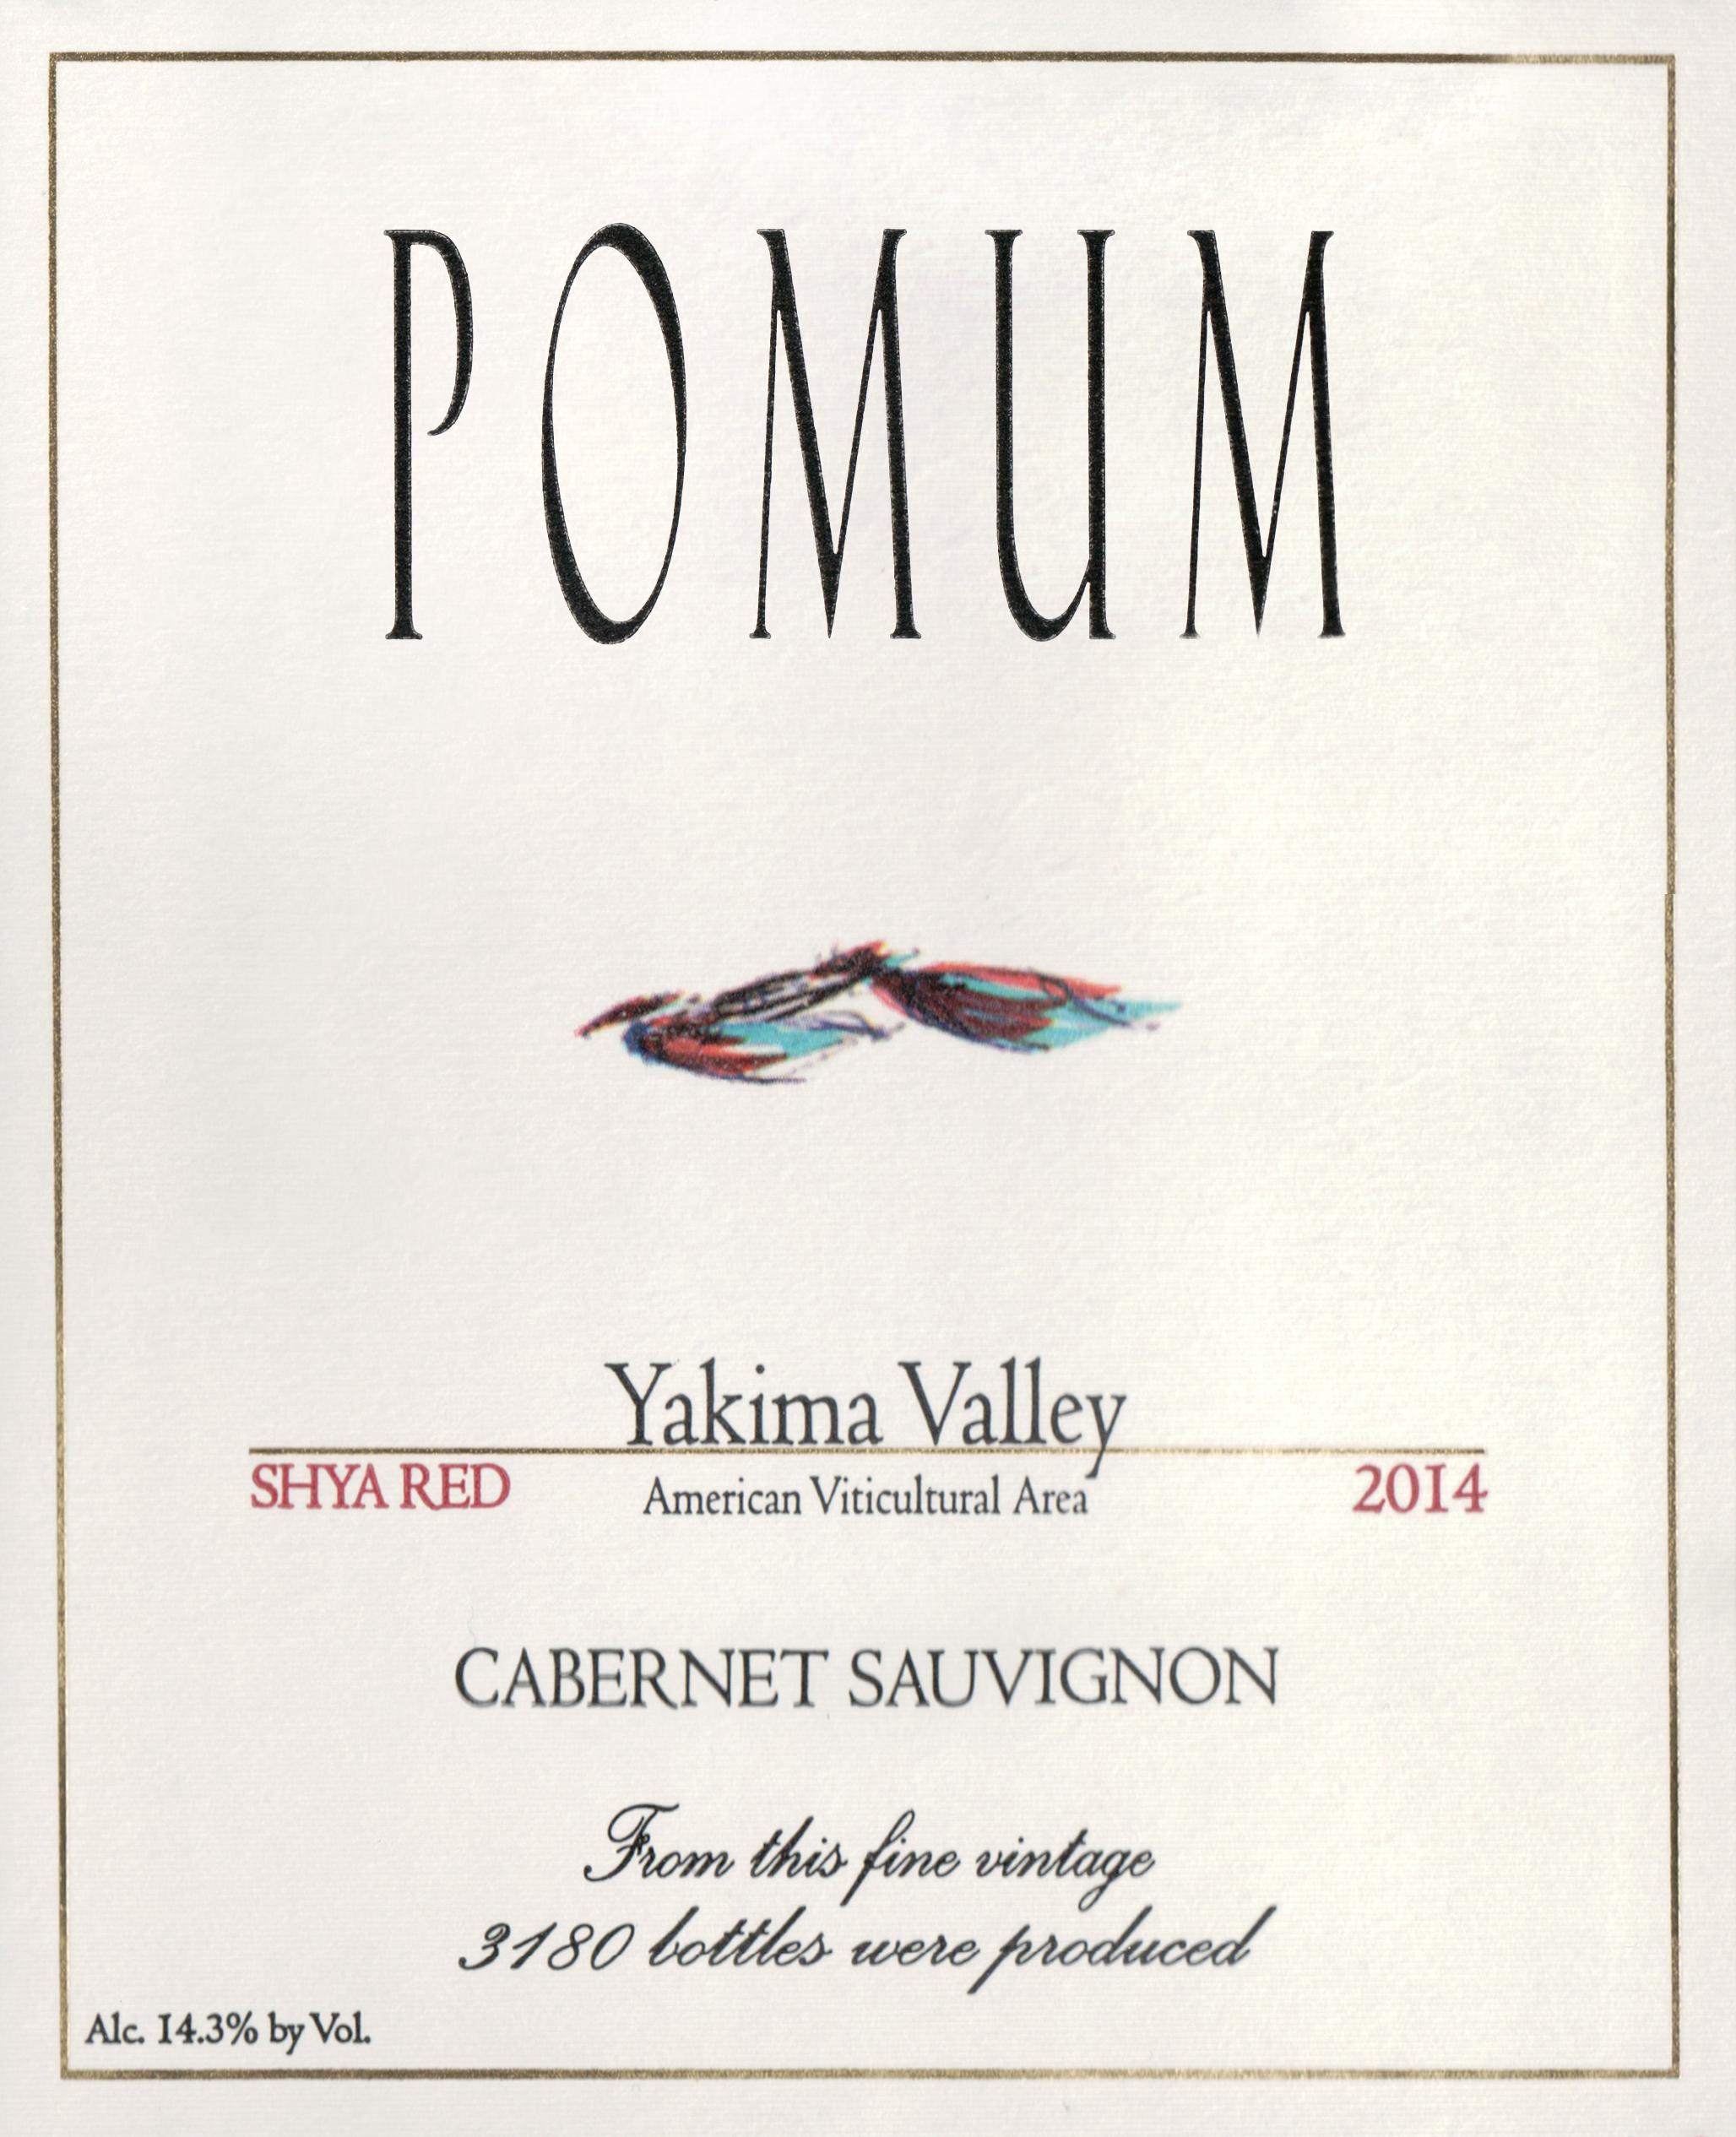 Pomum Cellars Shya Red Cabernet 2014